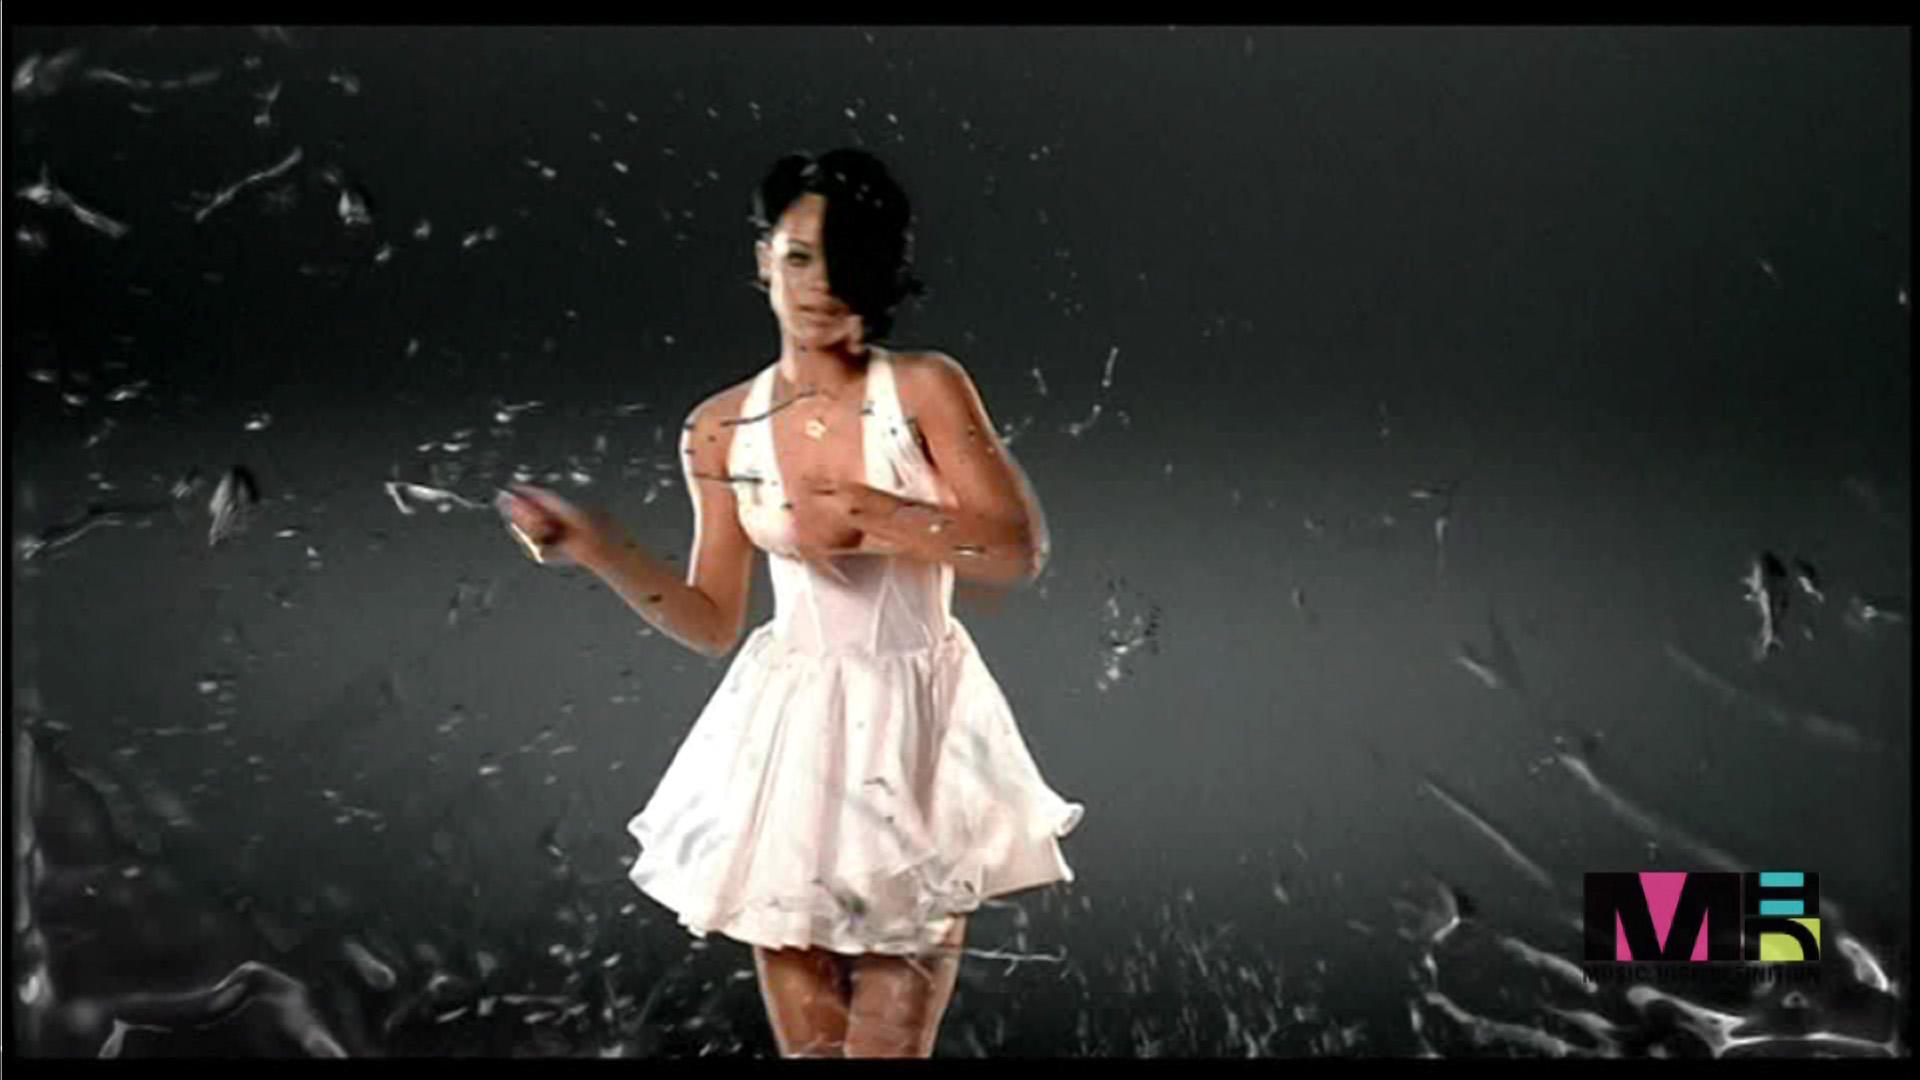 Fotos da rihanna no clipe umbrella 69